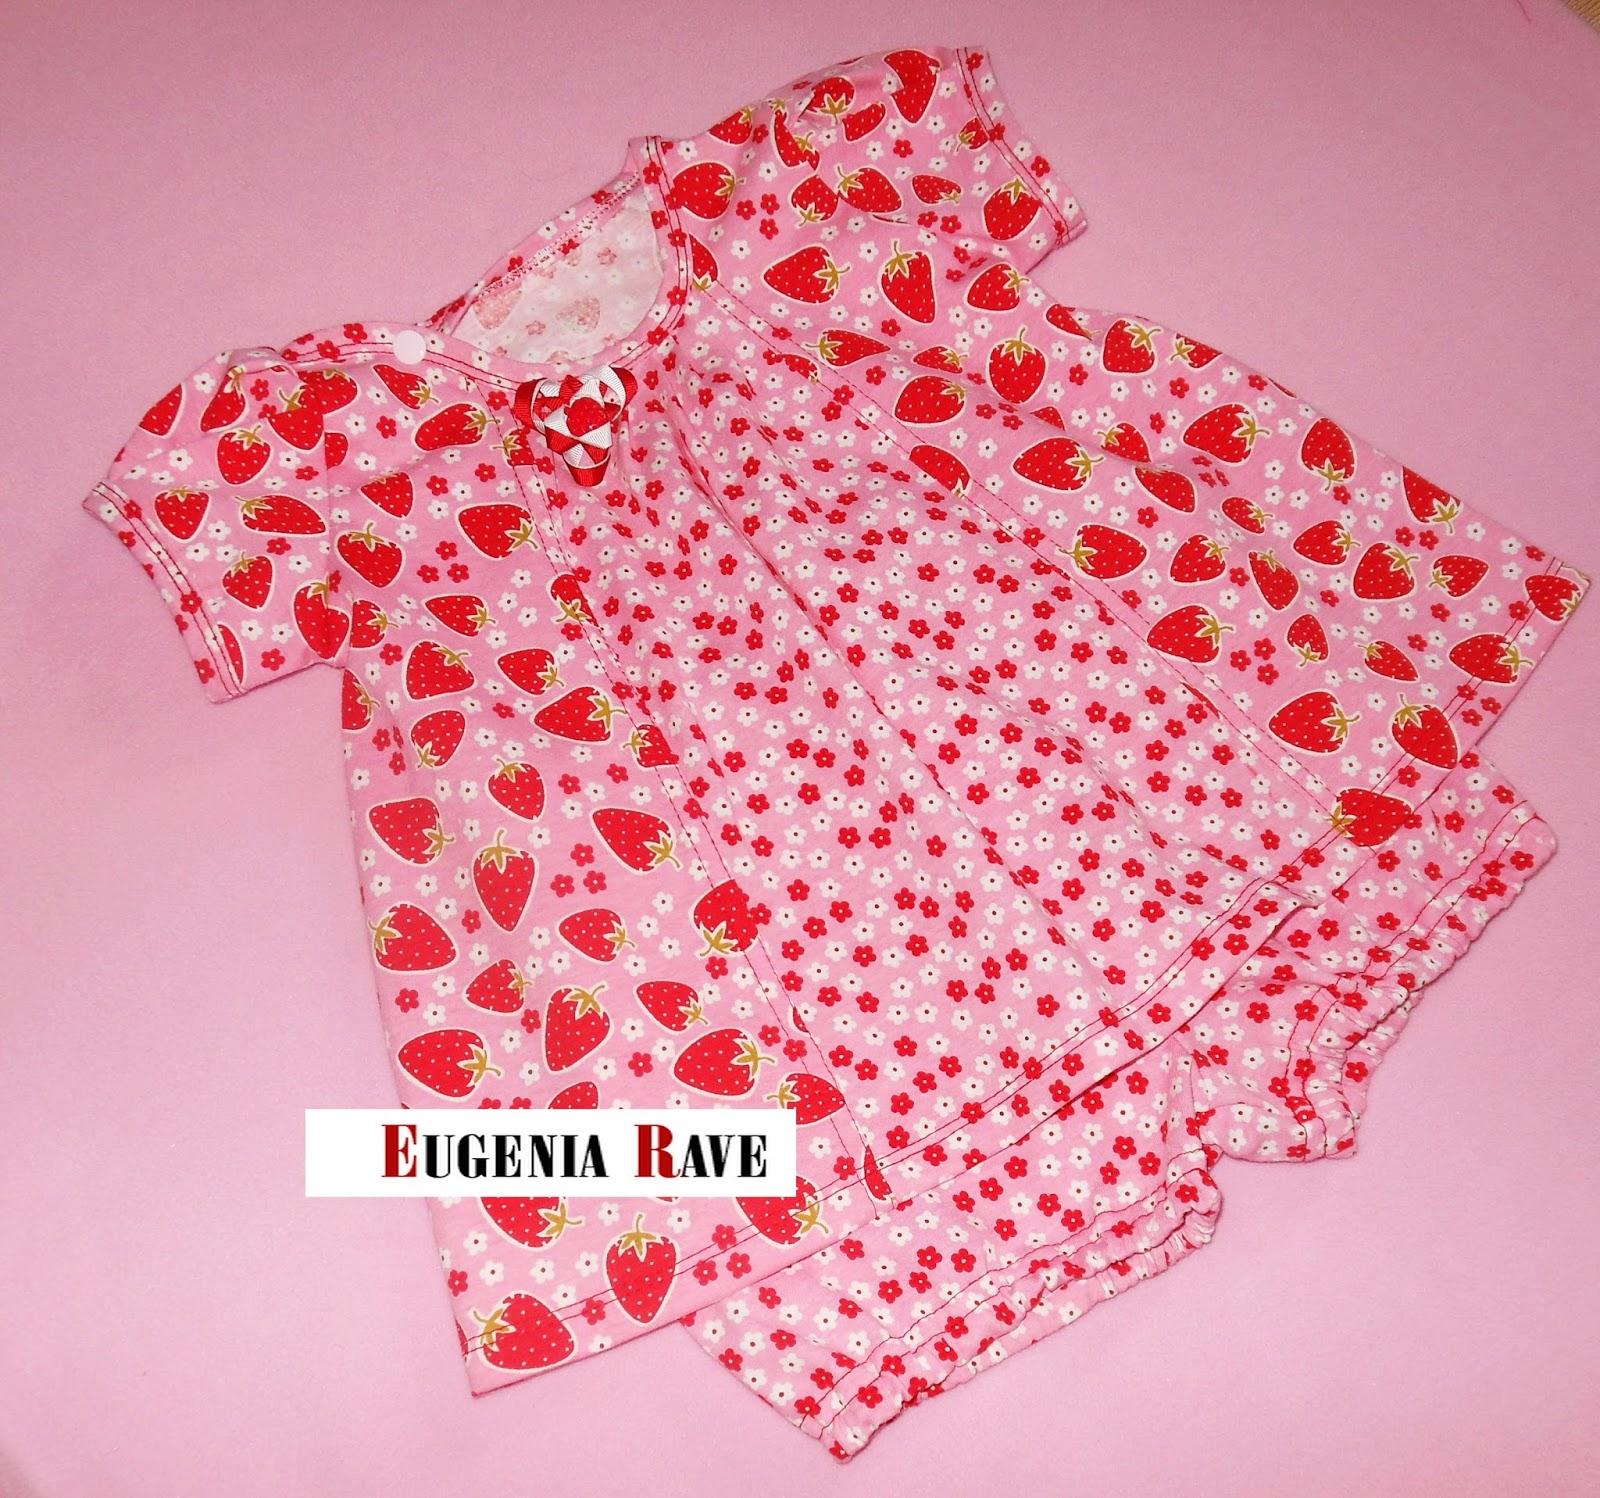 одежда ручной работы, ручная работа, купить красивый костюмчик, купить красивое платье для девочки, где купить оригинальную одежду ребёнку, качественная одежда для детей, заказать одежду для детей из натуральных тканей